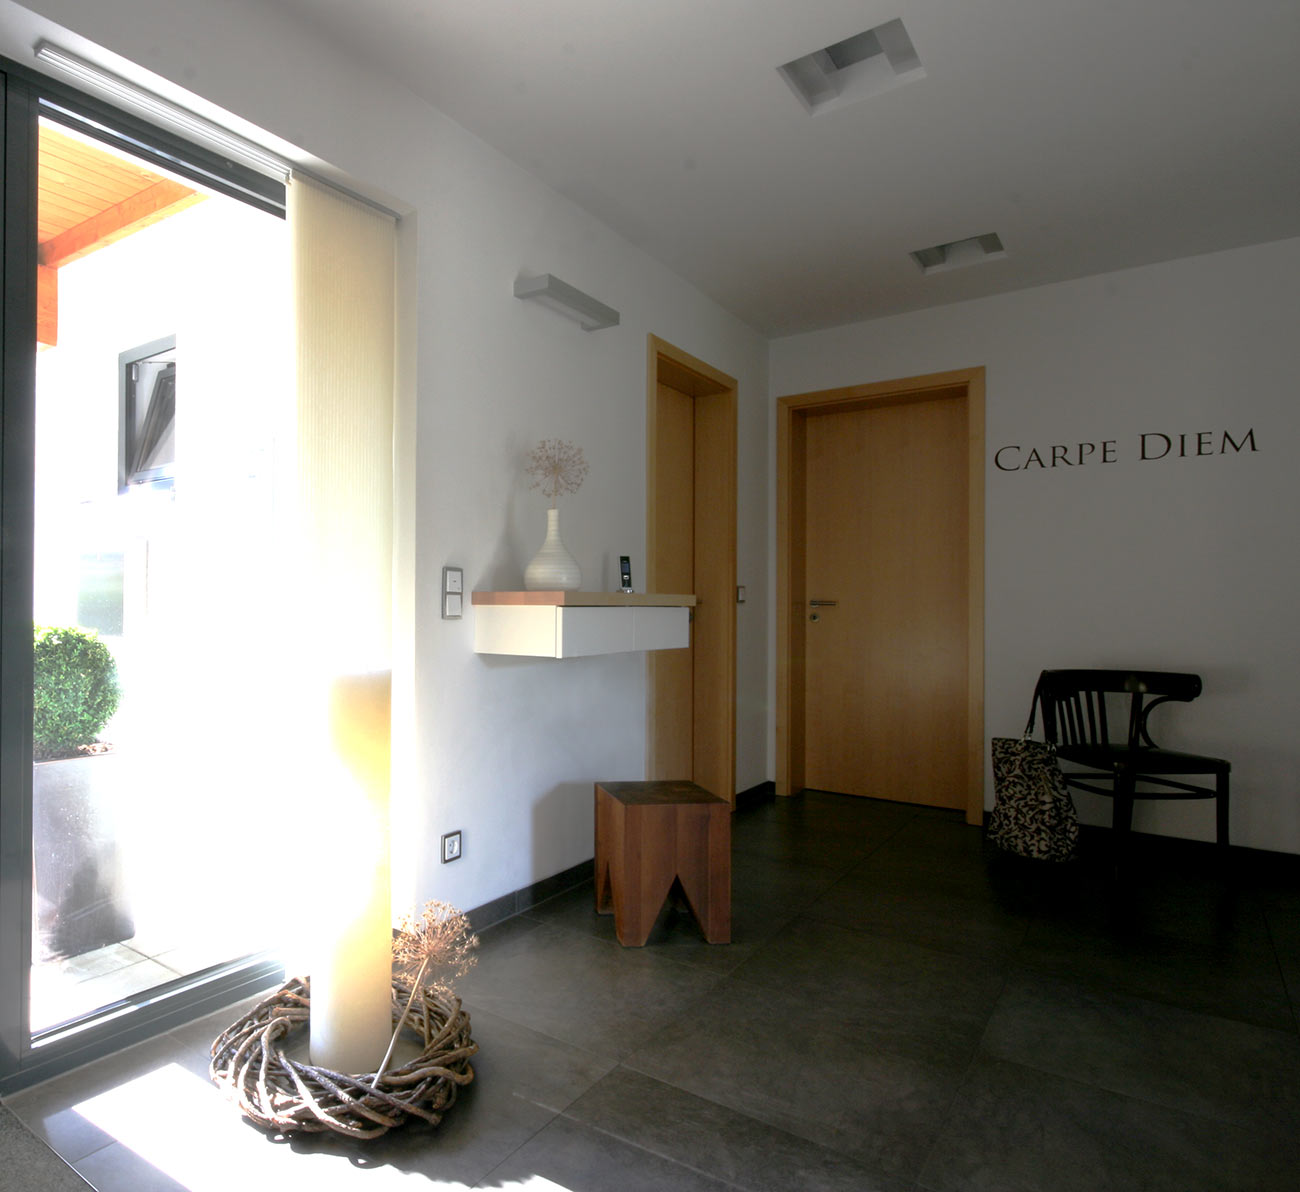 INARTE Innenarchitektur   Wohnbereich 02-A